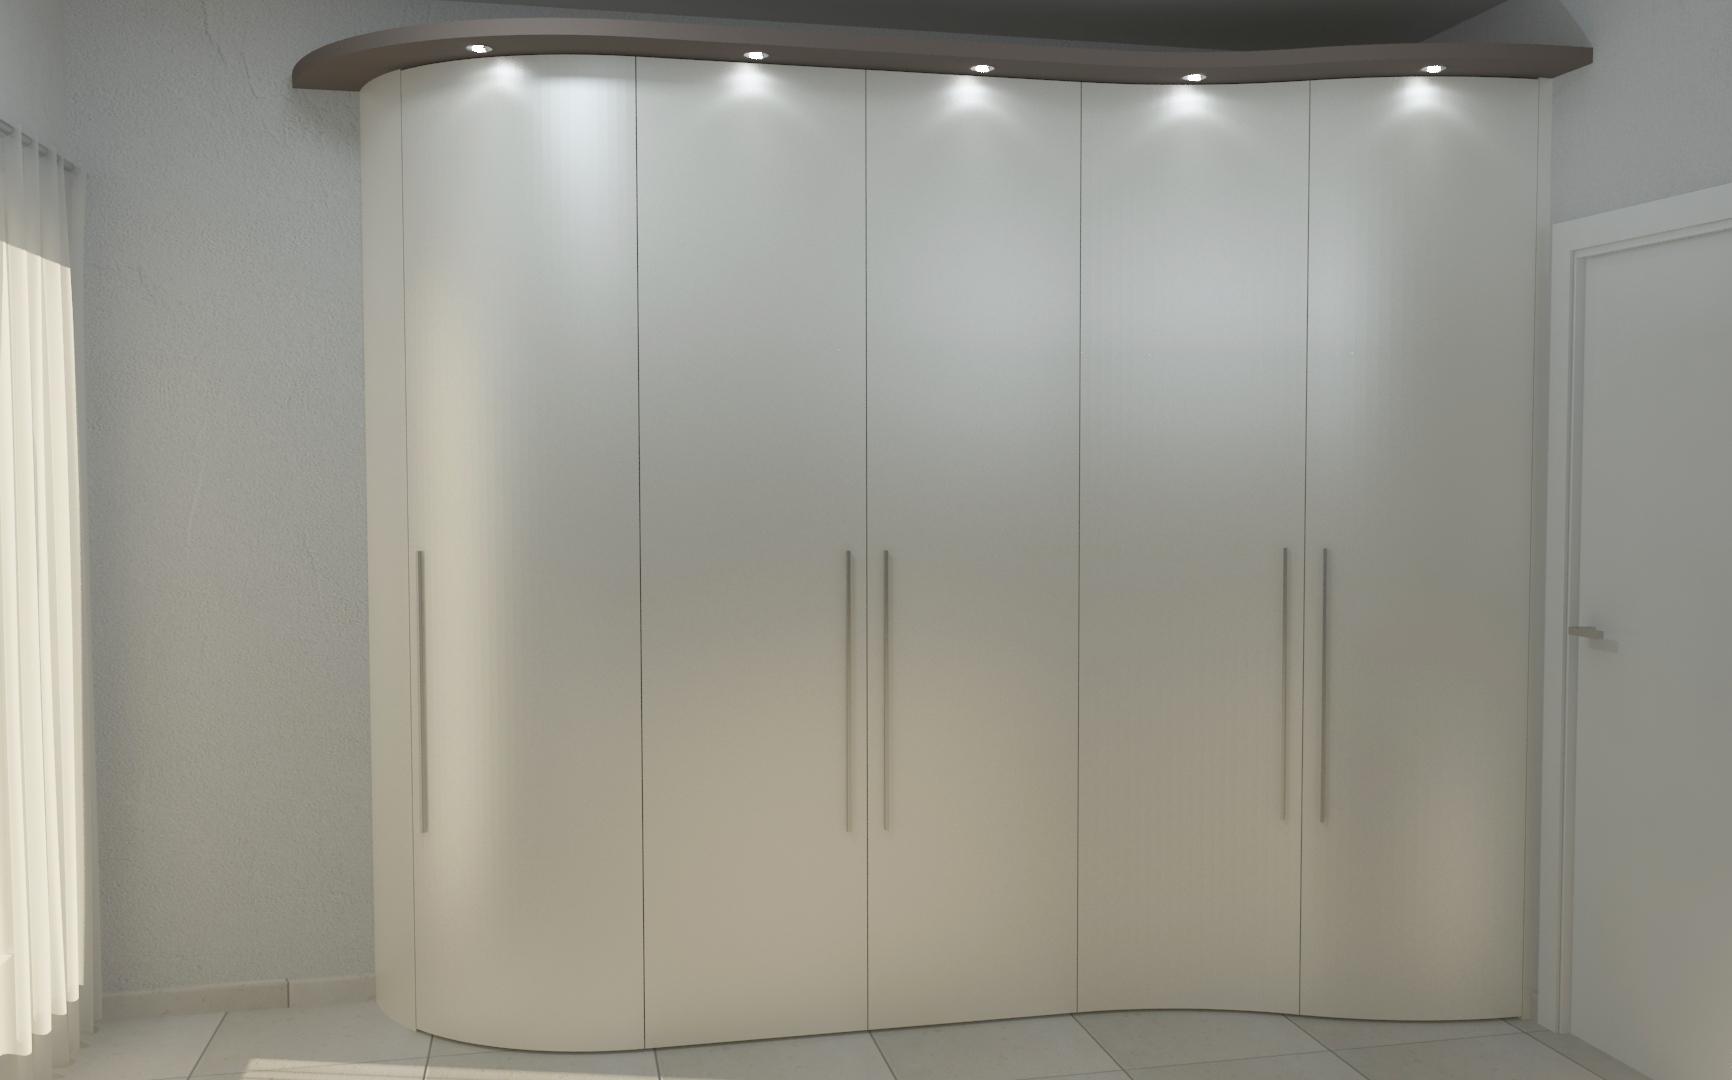 armadio-ad-angolo-stanza-degli-ospiti